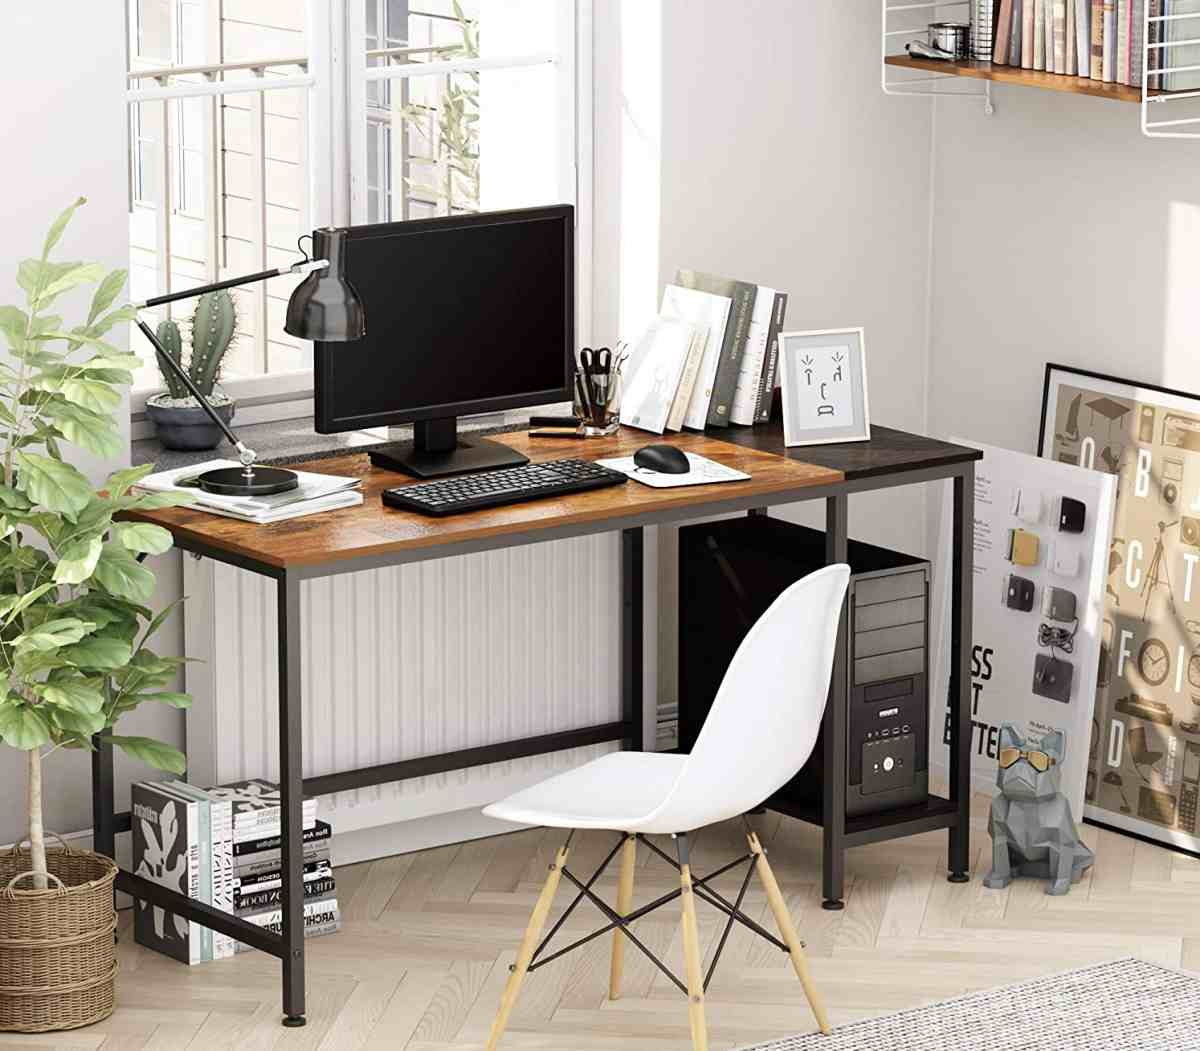 scrivania-da-lavoro-per-pc-fisso-o-portatile-legno-metallo-colori-legno-scuro-nero